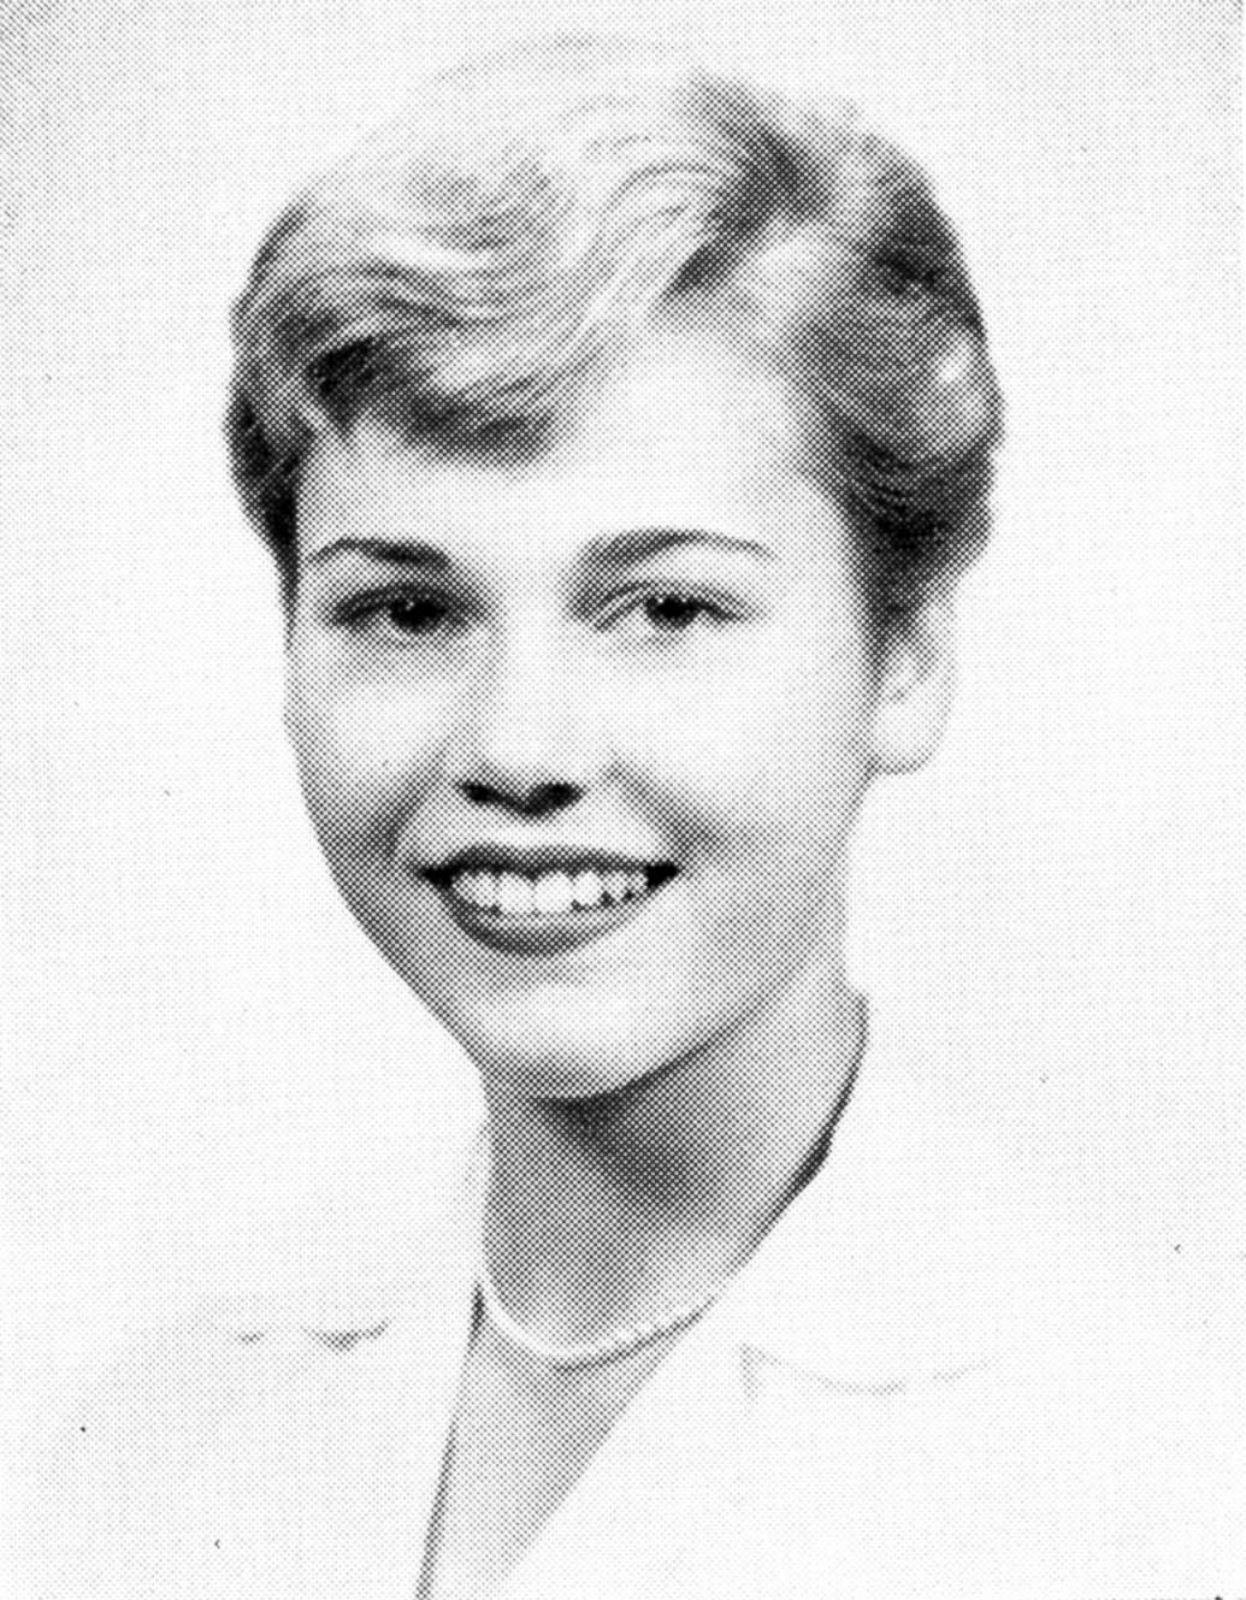 Jane Fonda Nude Photos 1